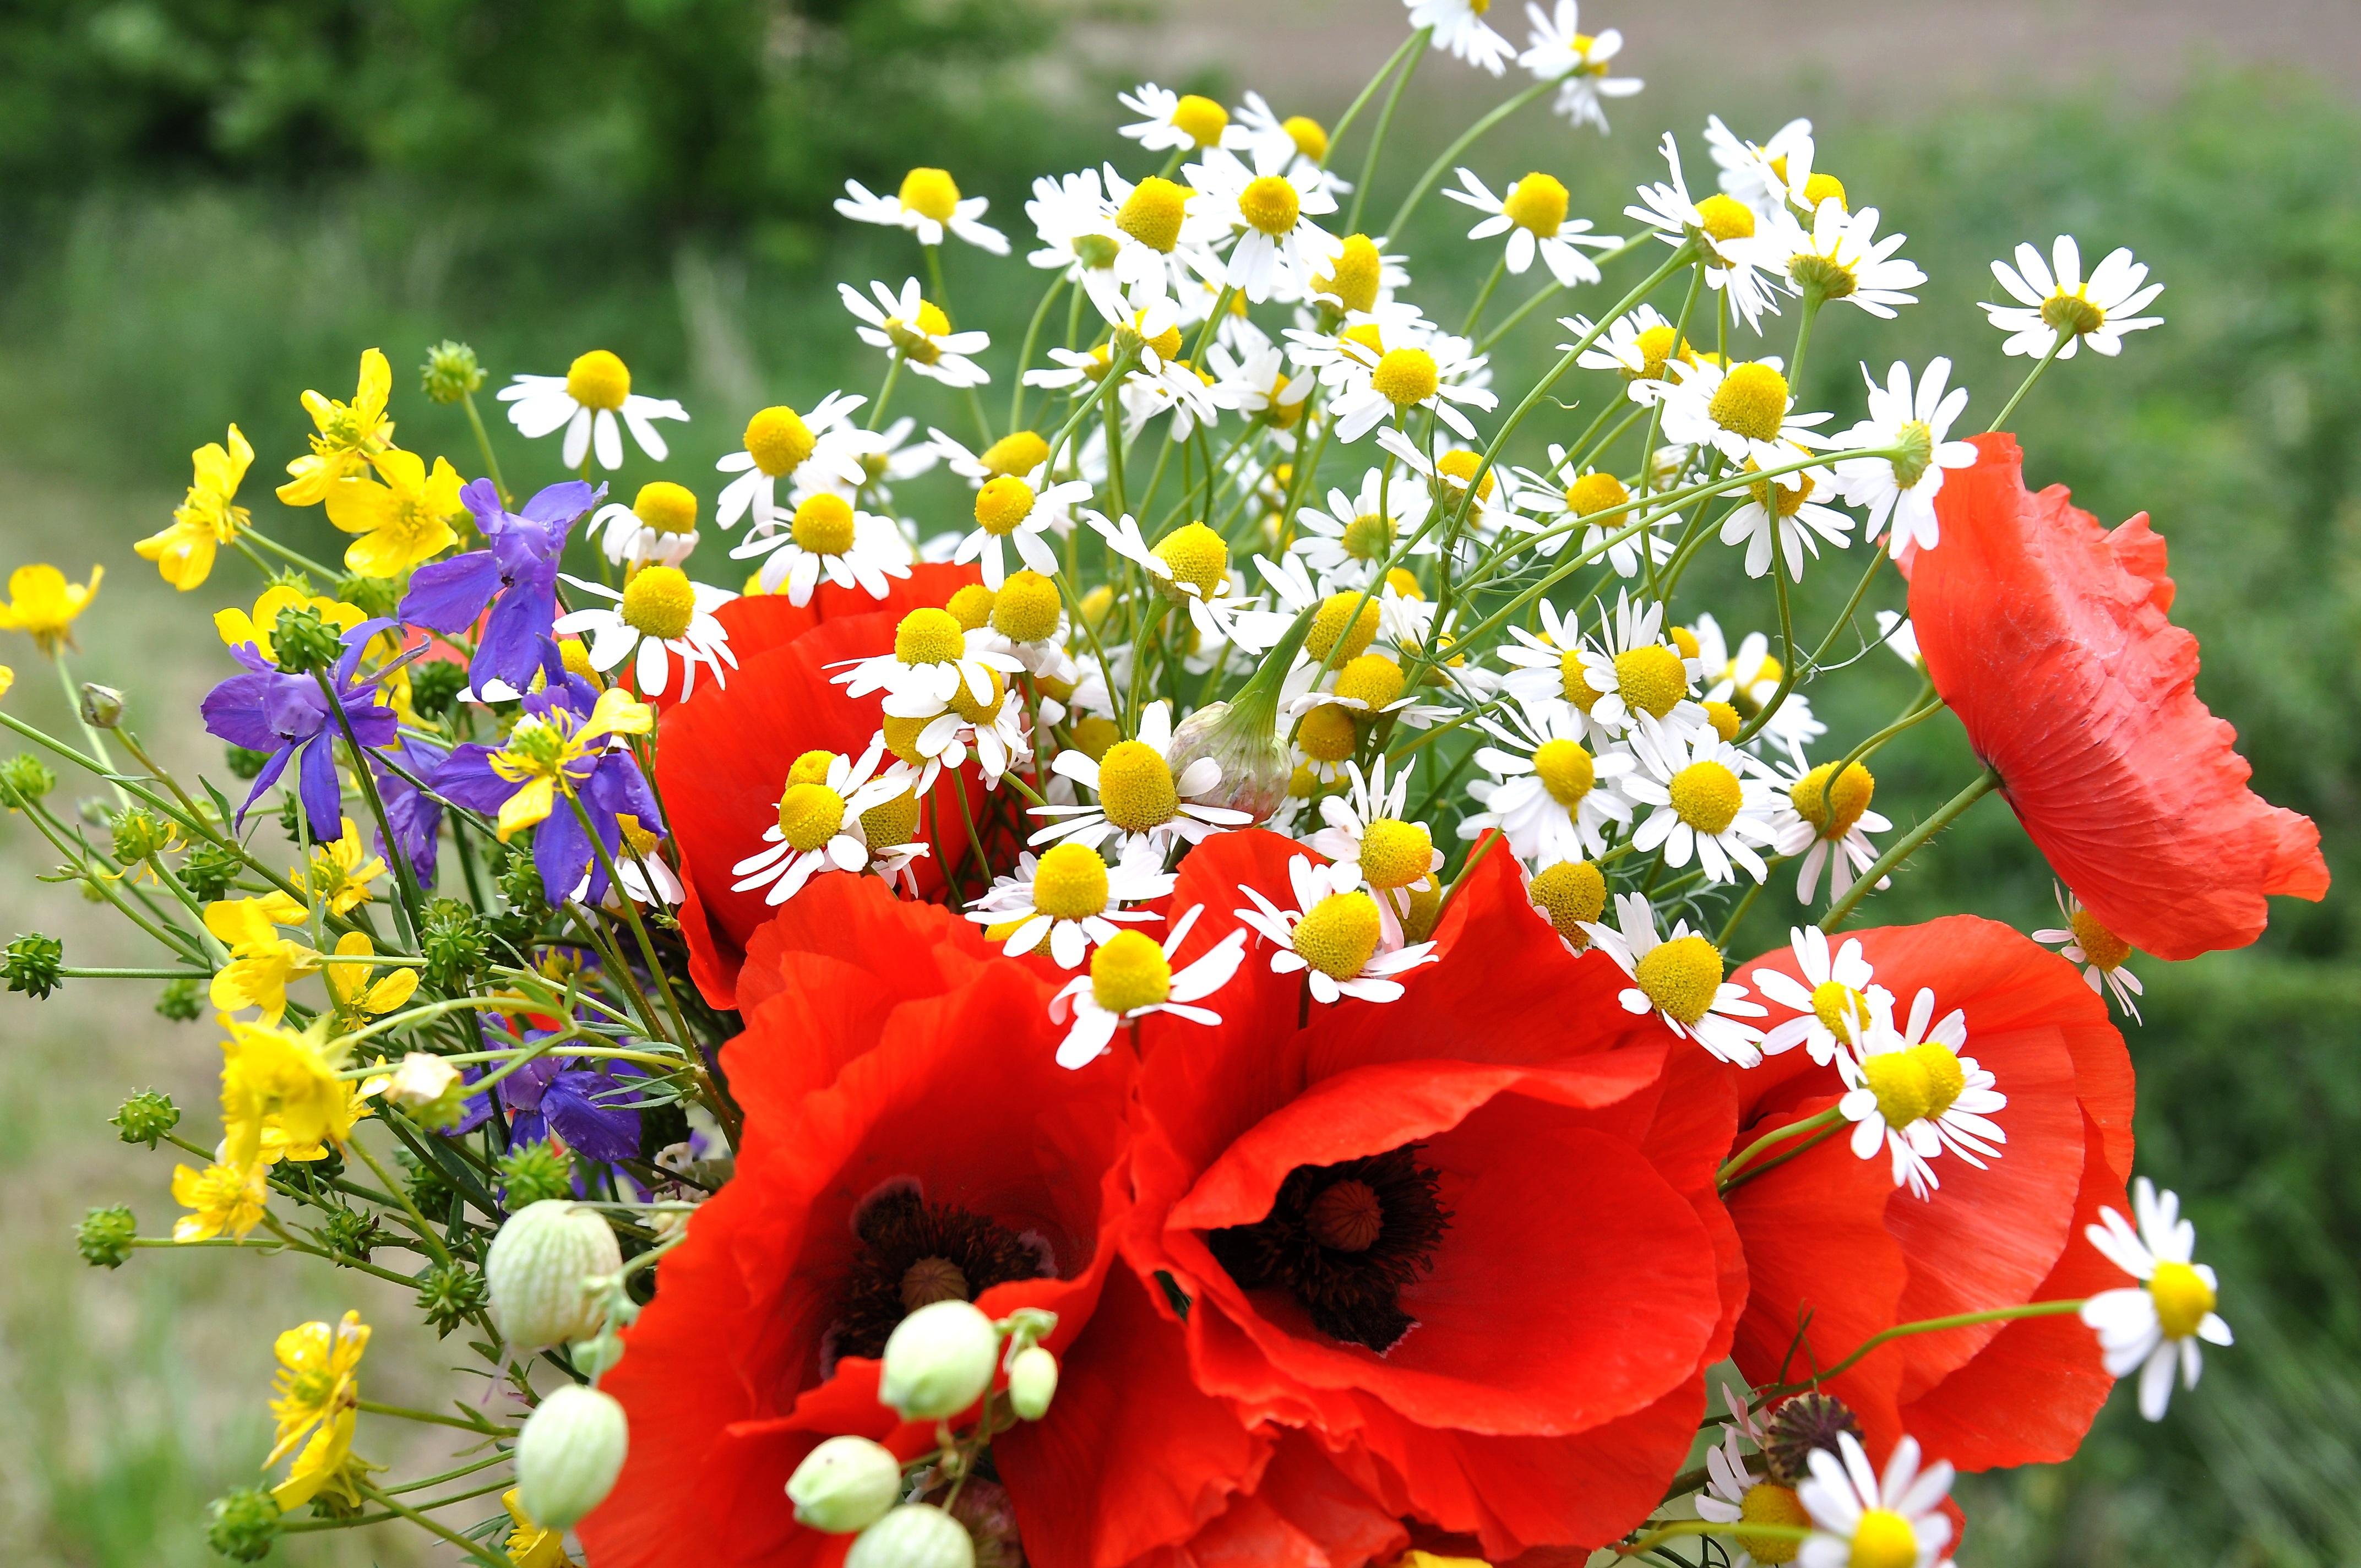 la nature fleur plante champ Prairie fleur pétale été bouquet herbe  botanique flore Fleur sauvage coquelicot